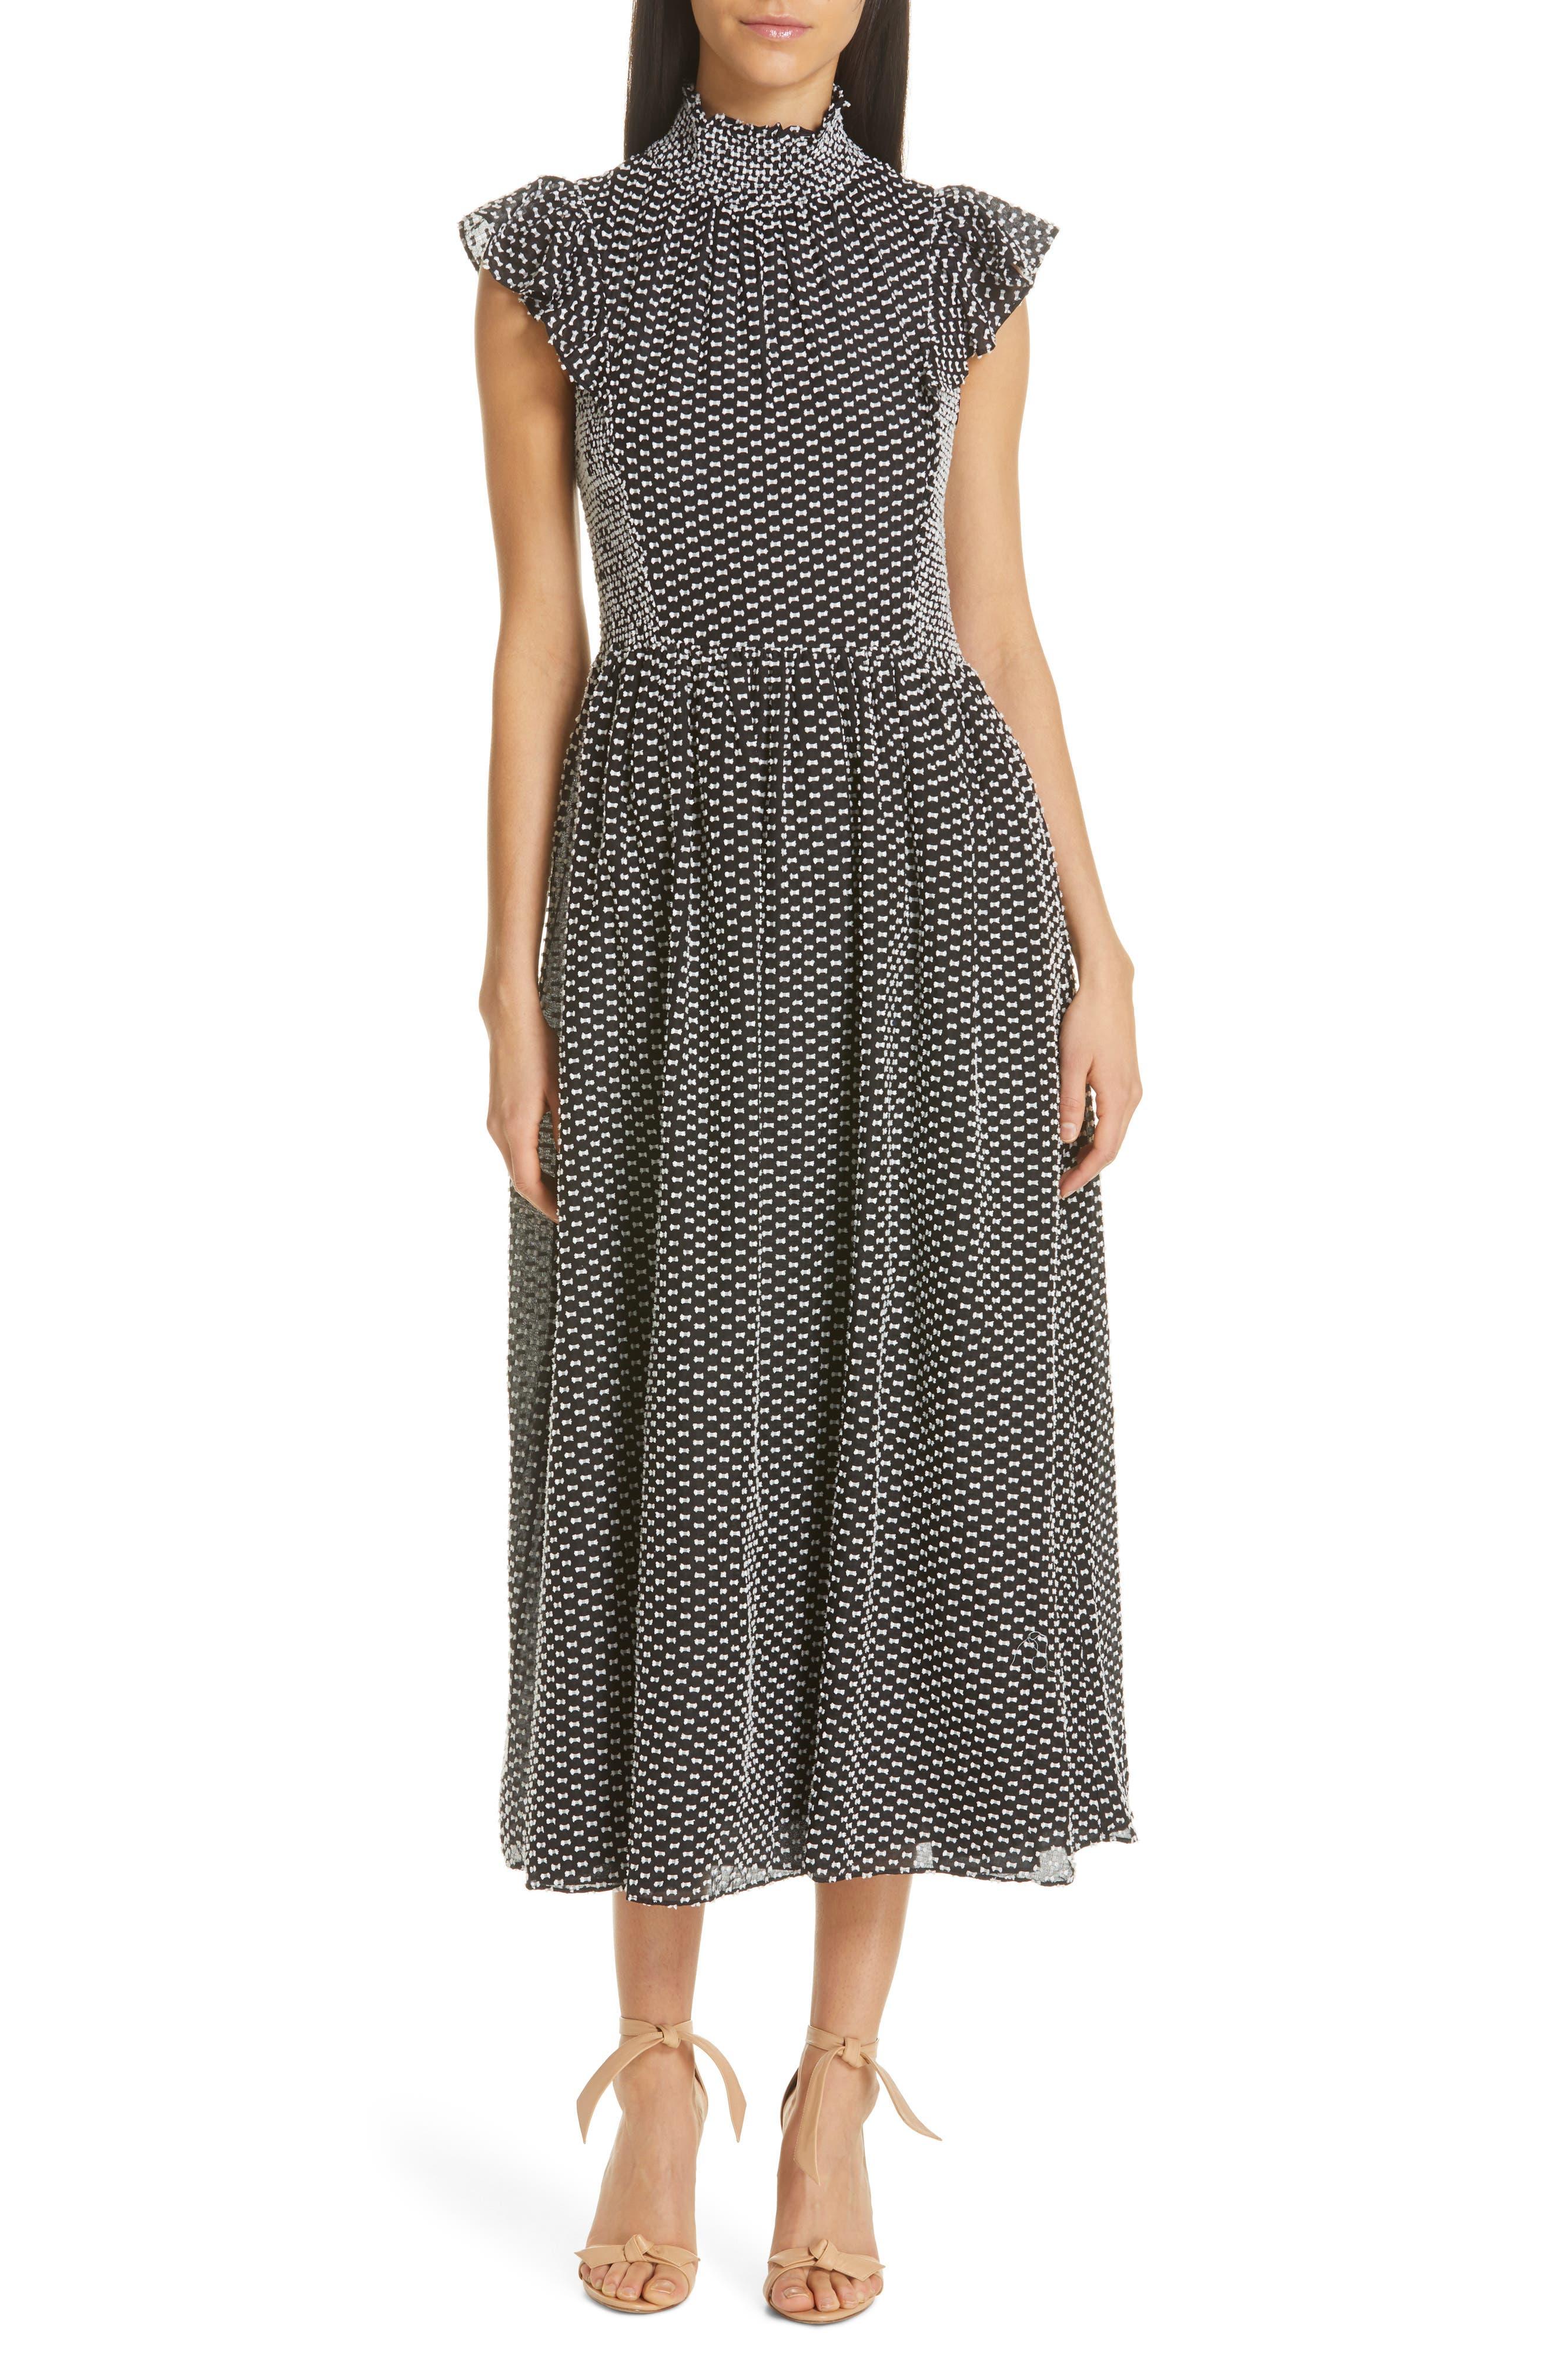 Kate Spade New York Clip Dot Midi Dress, Black